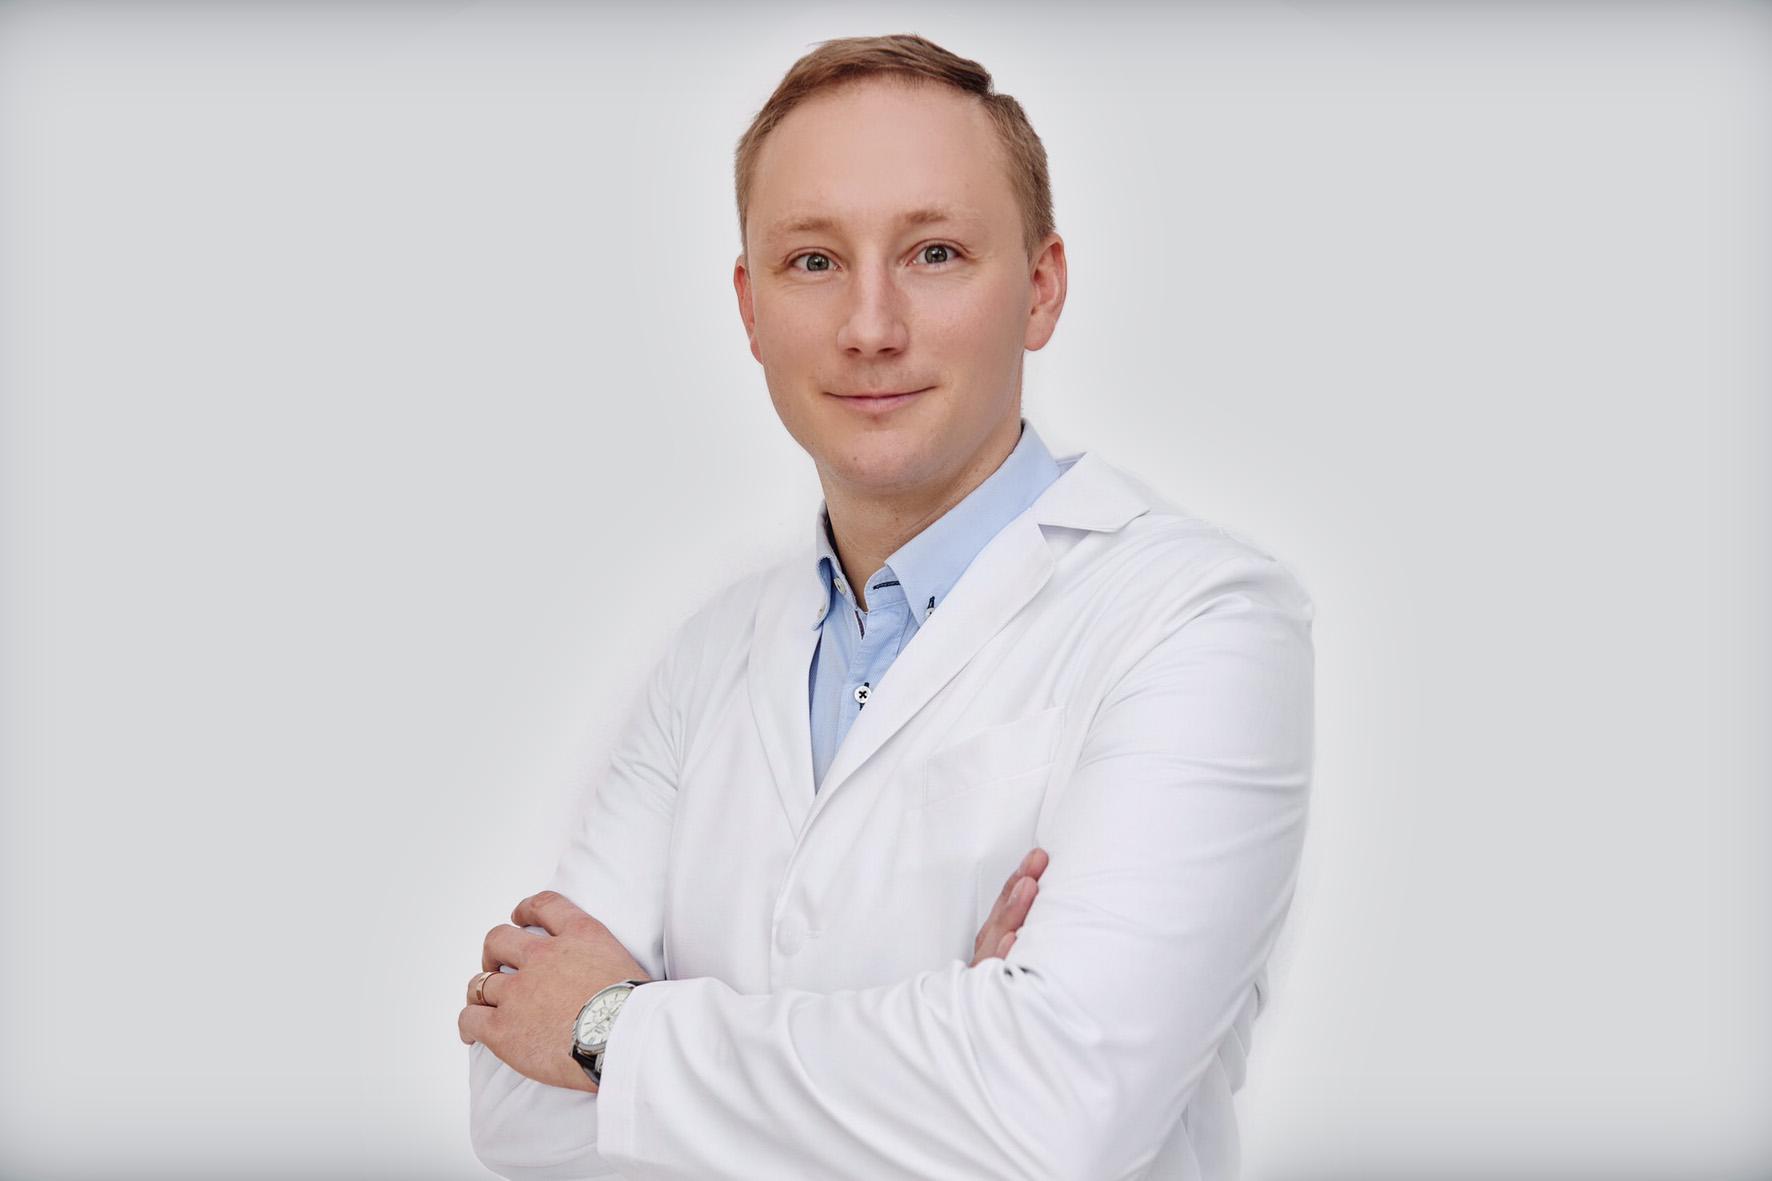 Przemyslaw Sekula